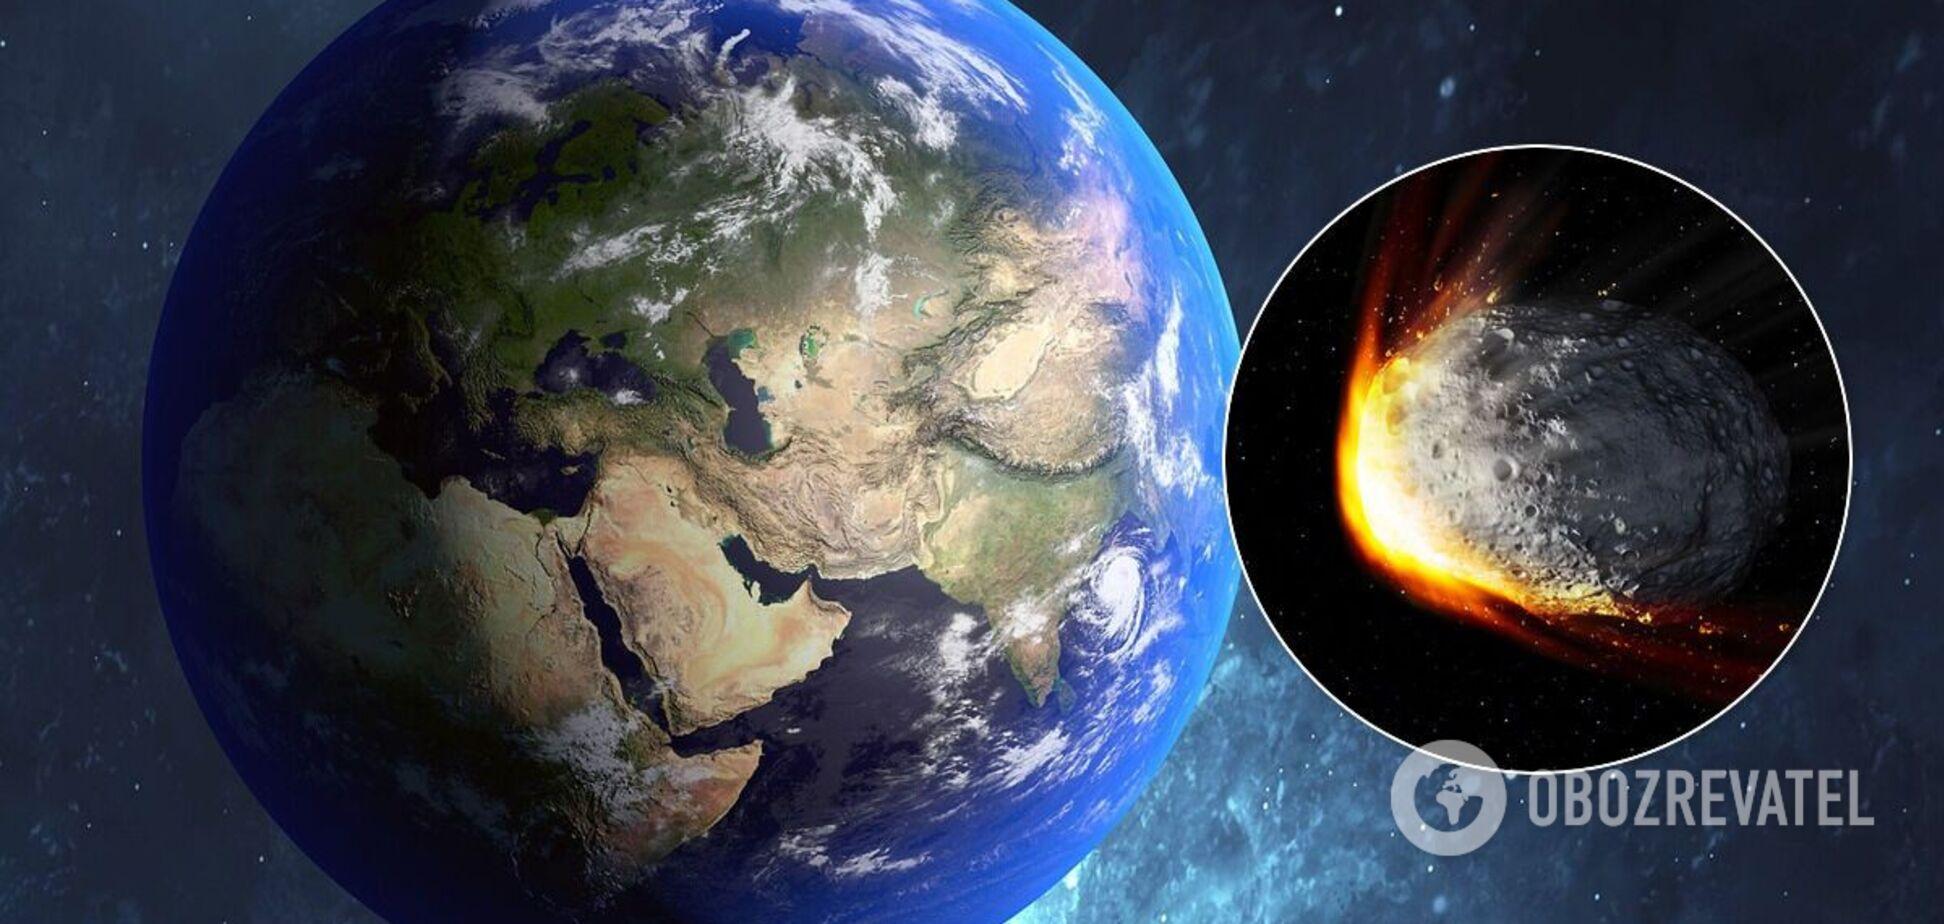 К Земле летит огромный астероид: в NASA назвали его опасным